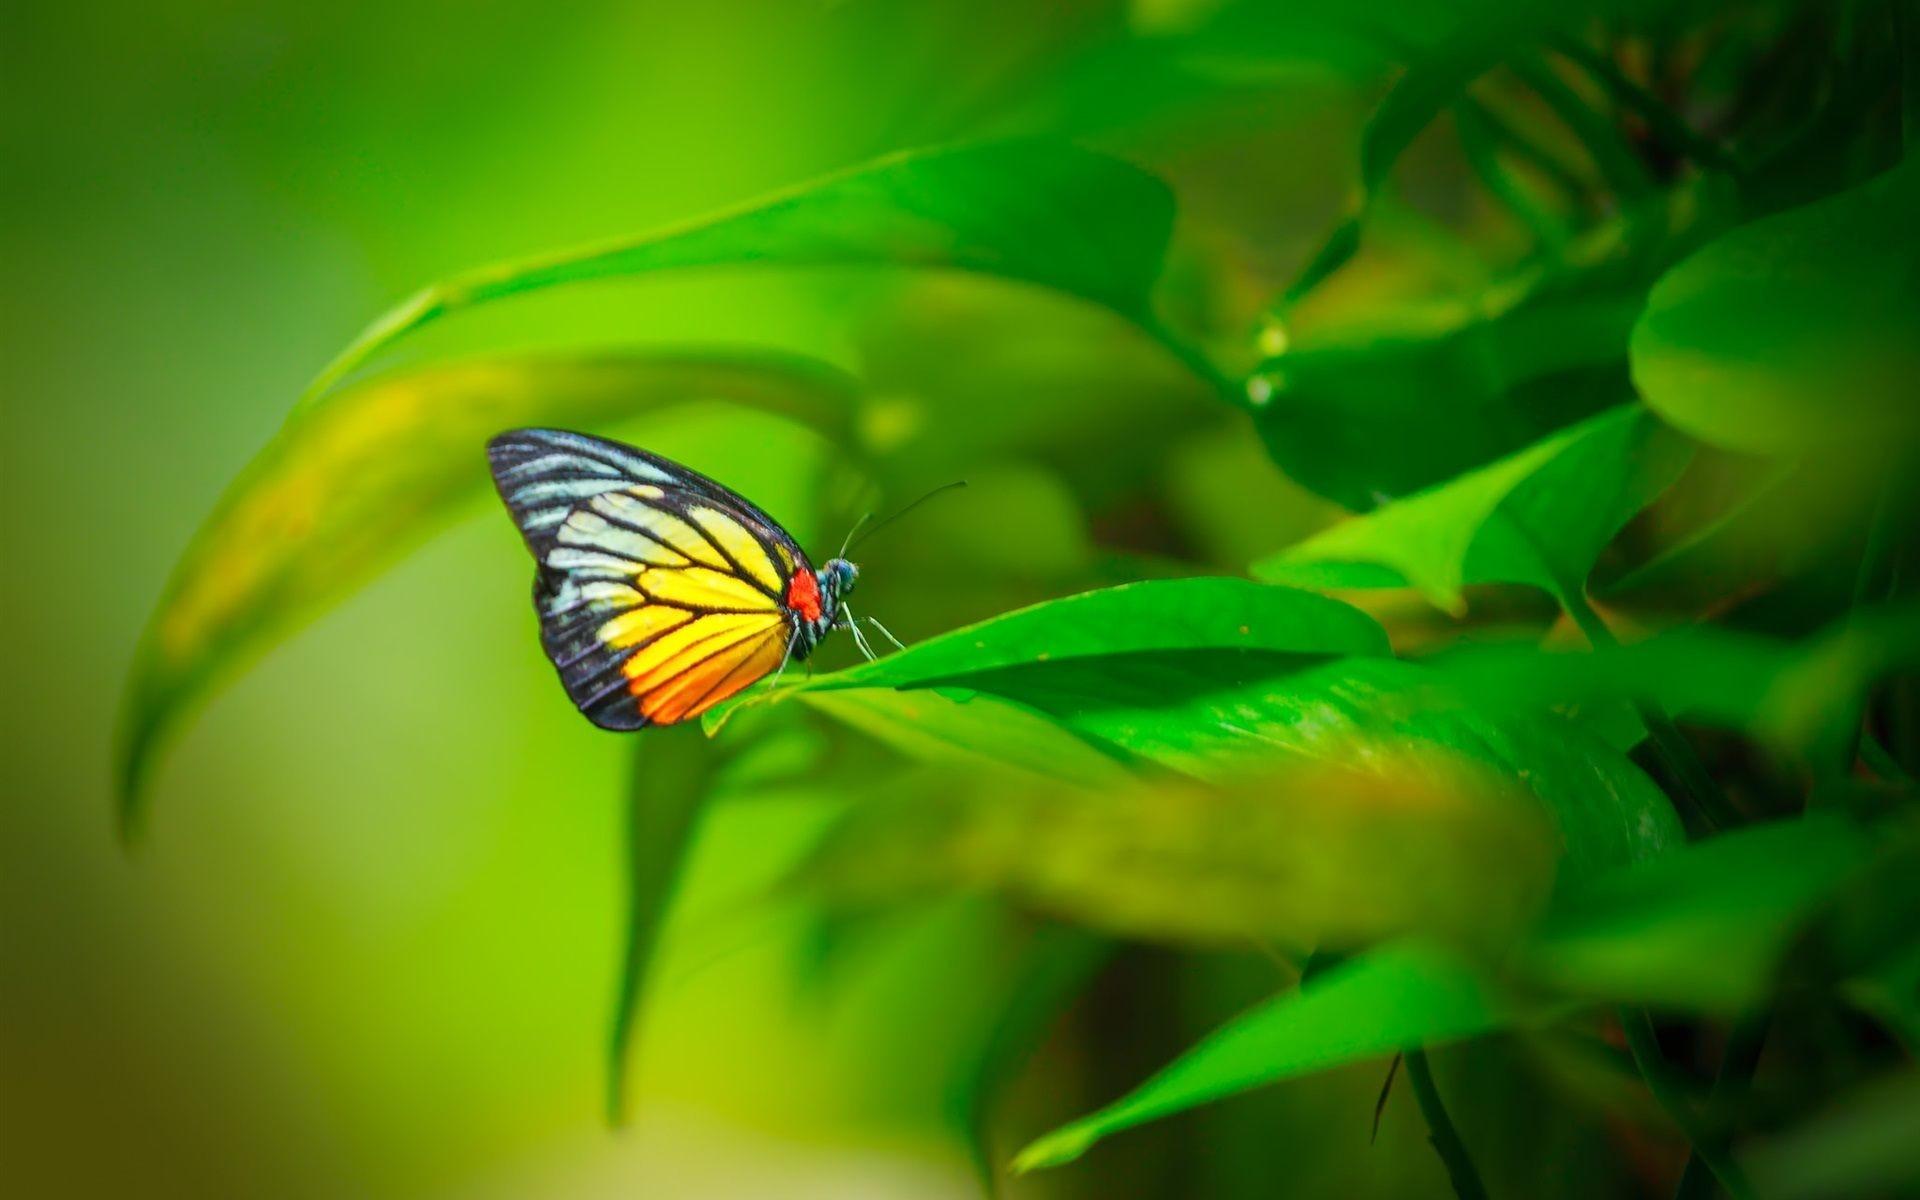 Green Butterfly Wallpaper (52+ images)3d Neon Butterflies